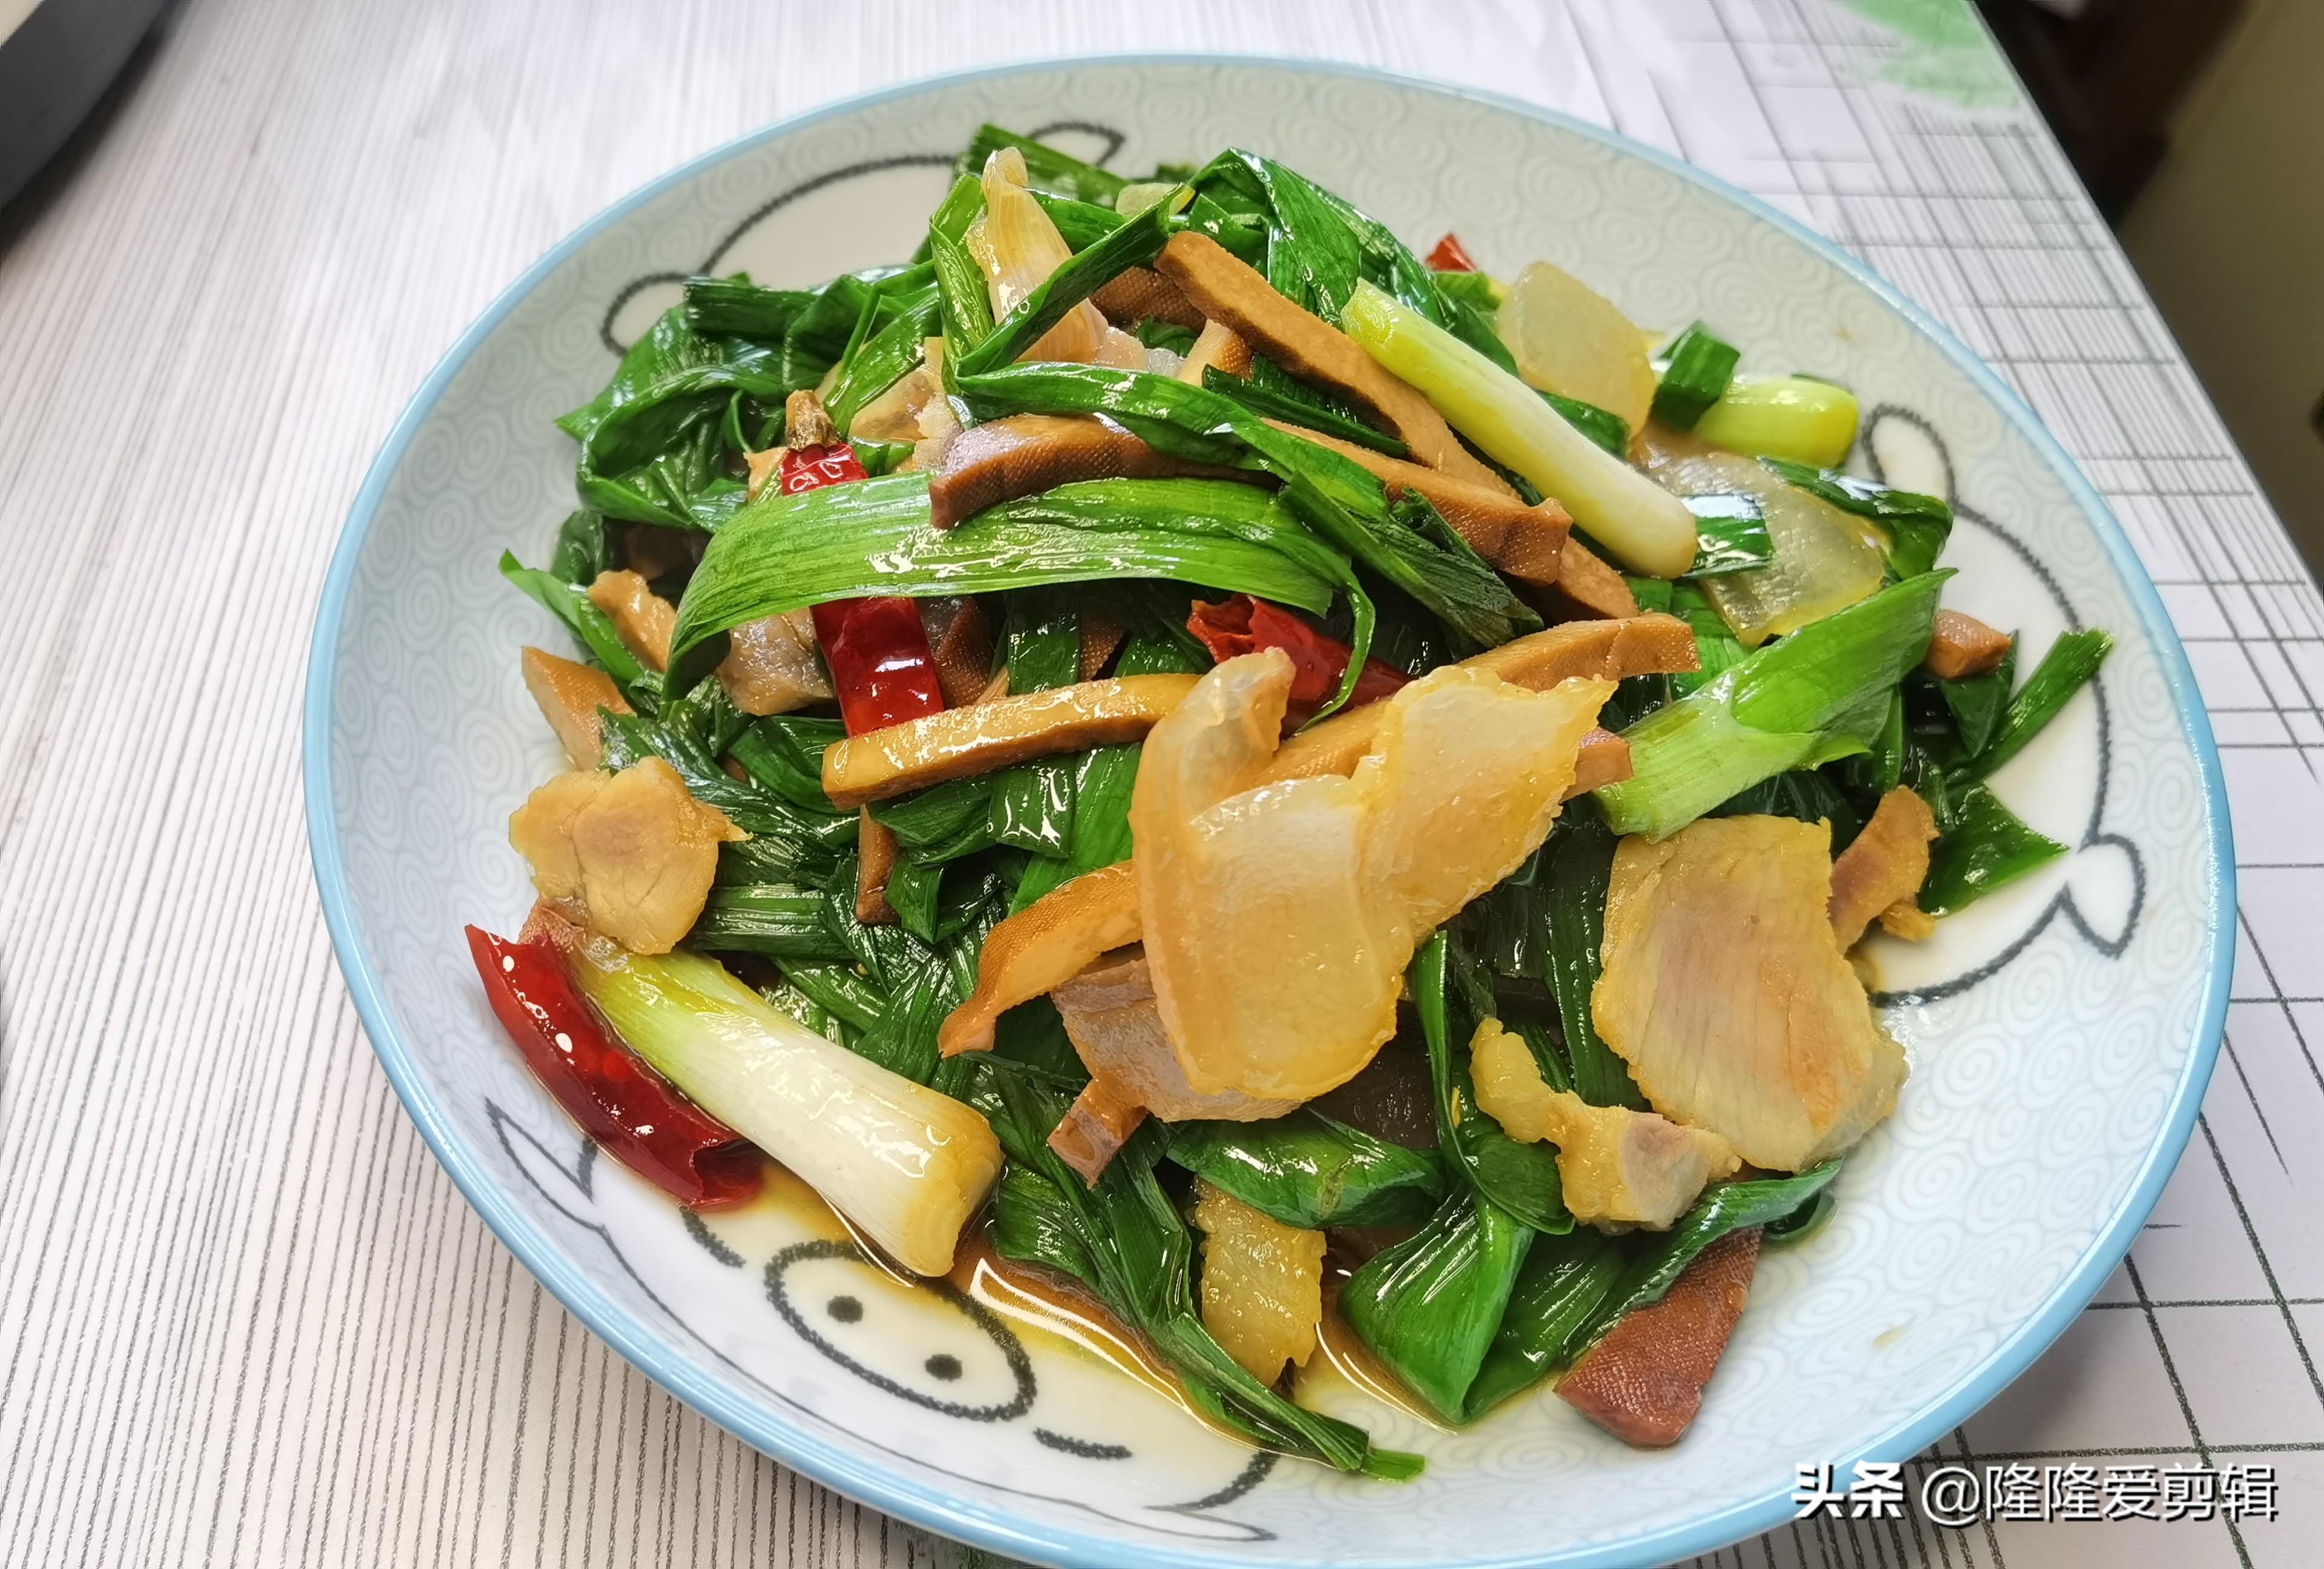 徽菜代表之一,风味独特鲜香四溢 徽菜菜谱 第5张